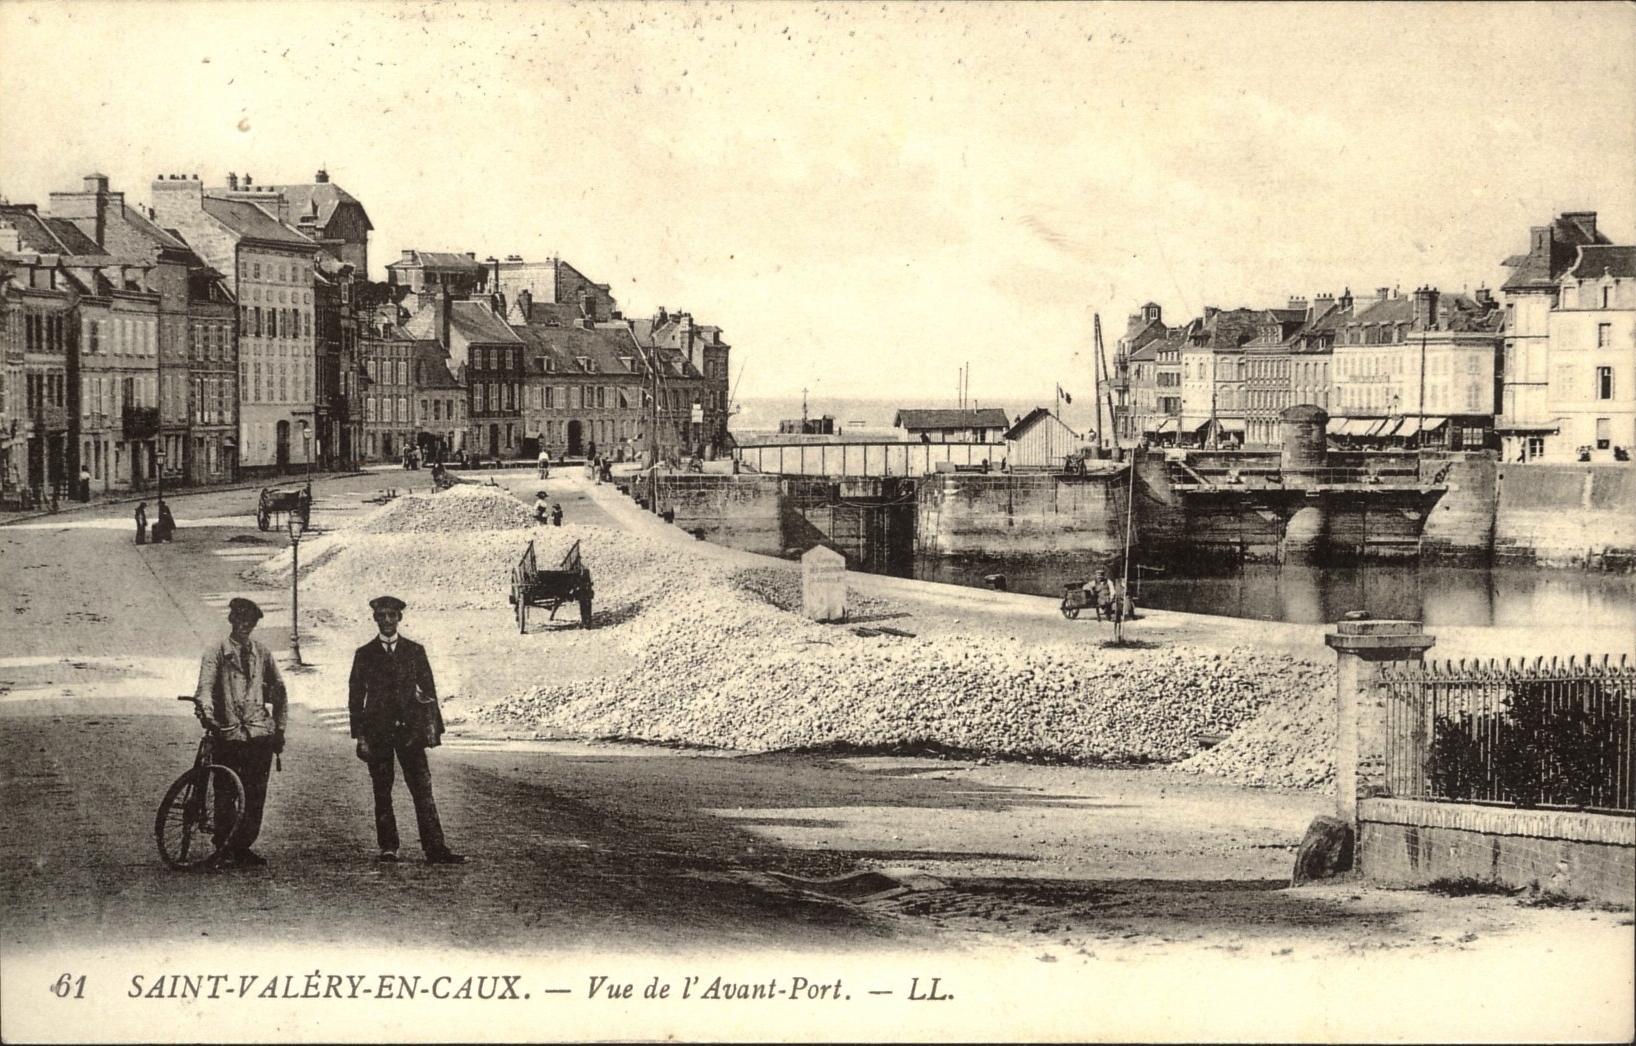 Saint-Valery-en-Caux  Vue de l'Avant-Port  (Flints on the wharf) early 1900s